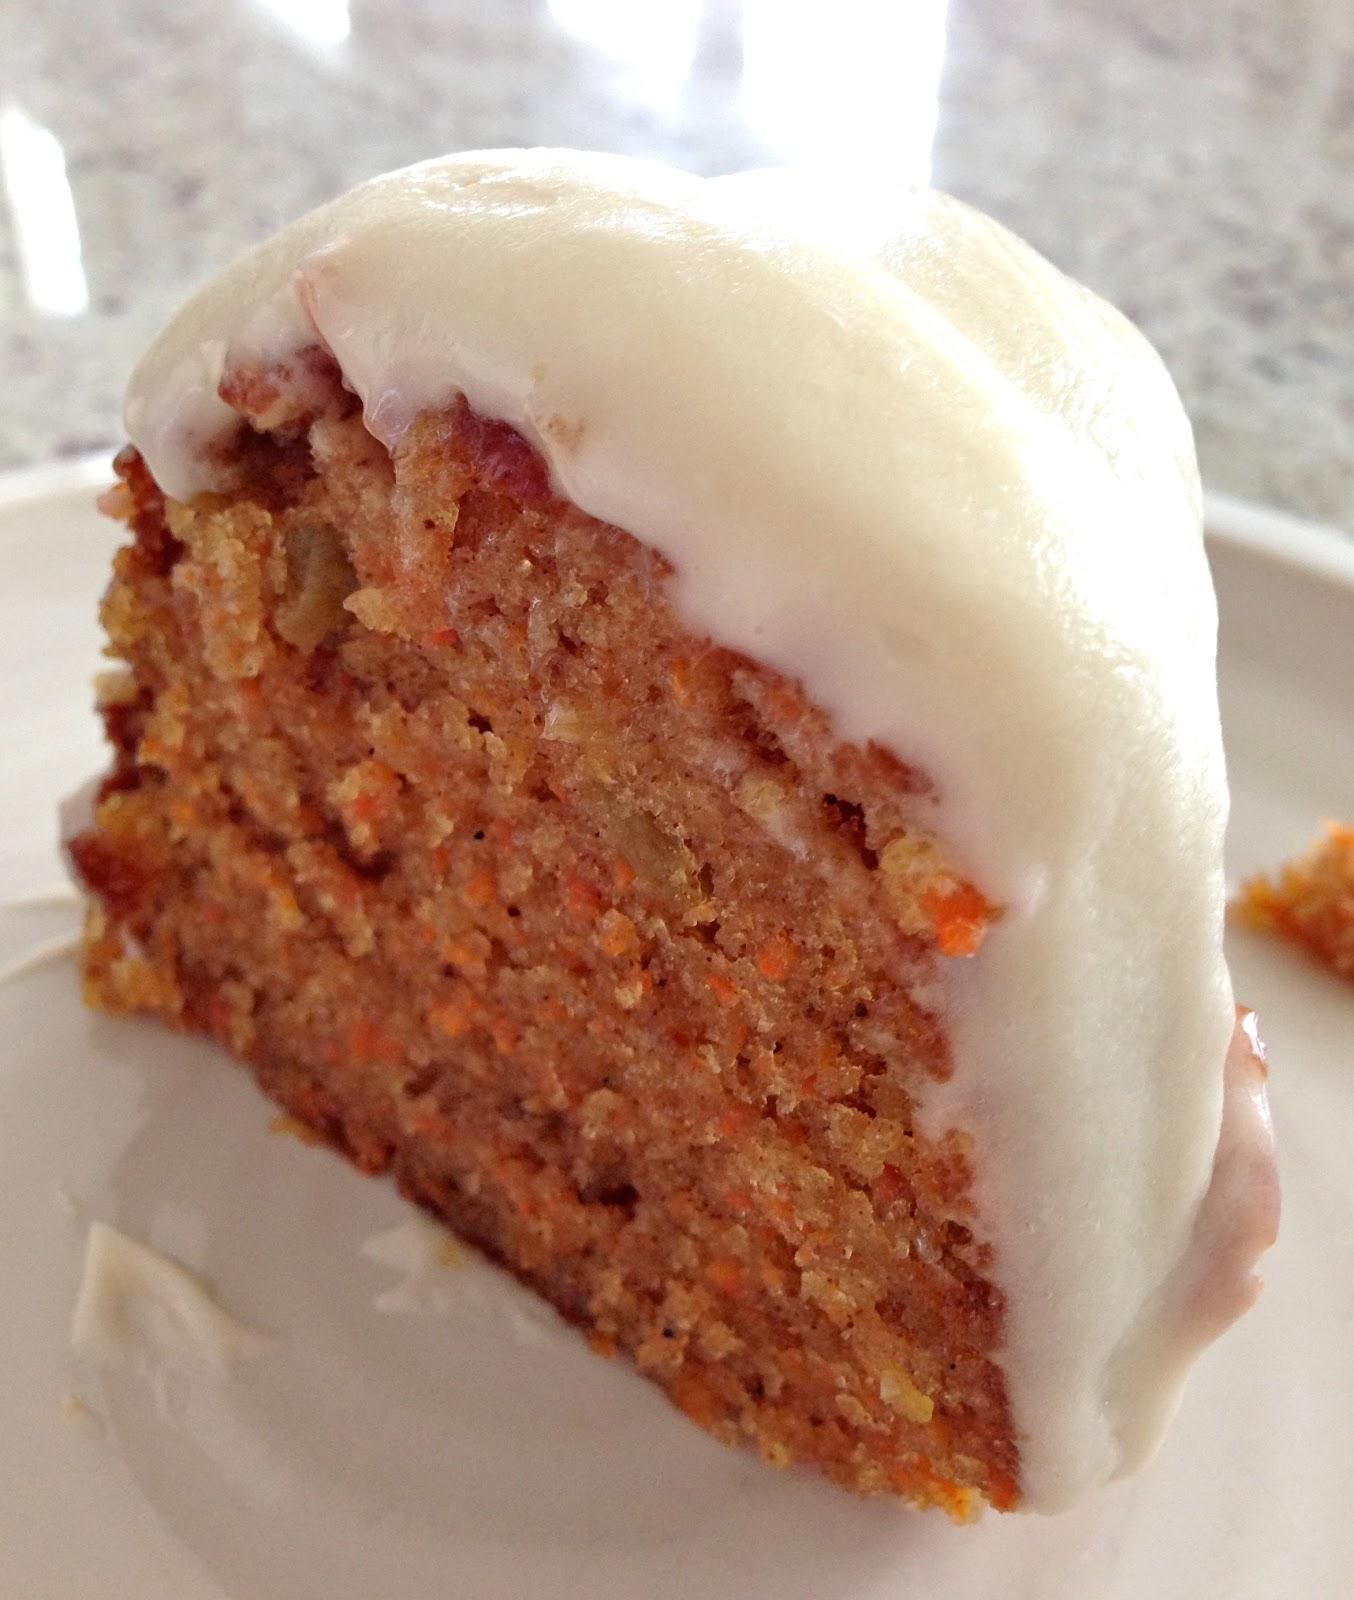 Super Moist Bundt Carrot Cake